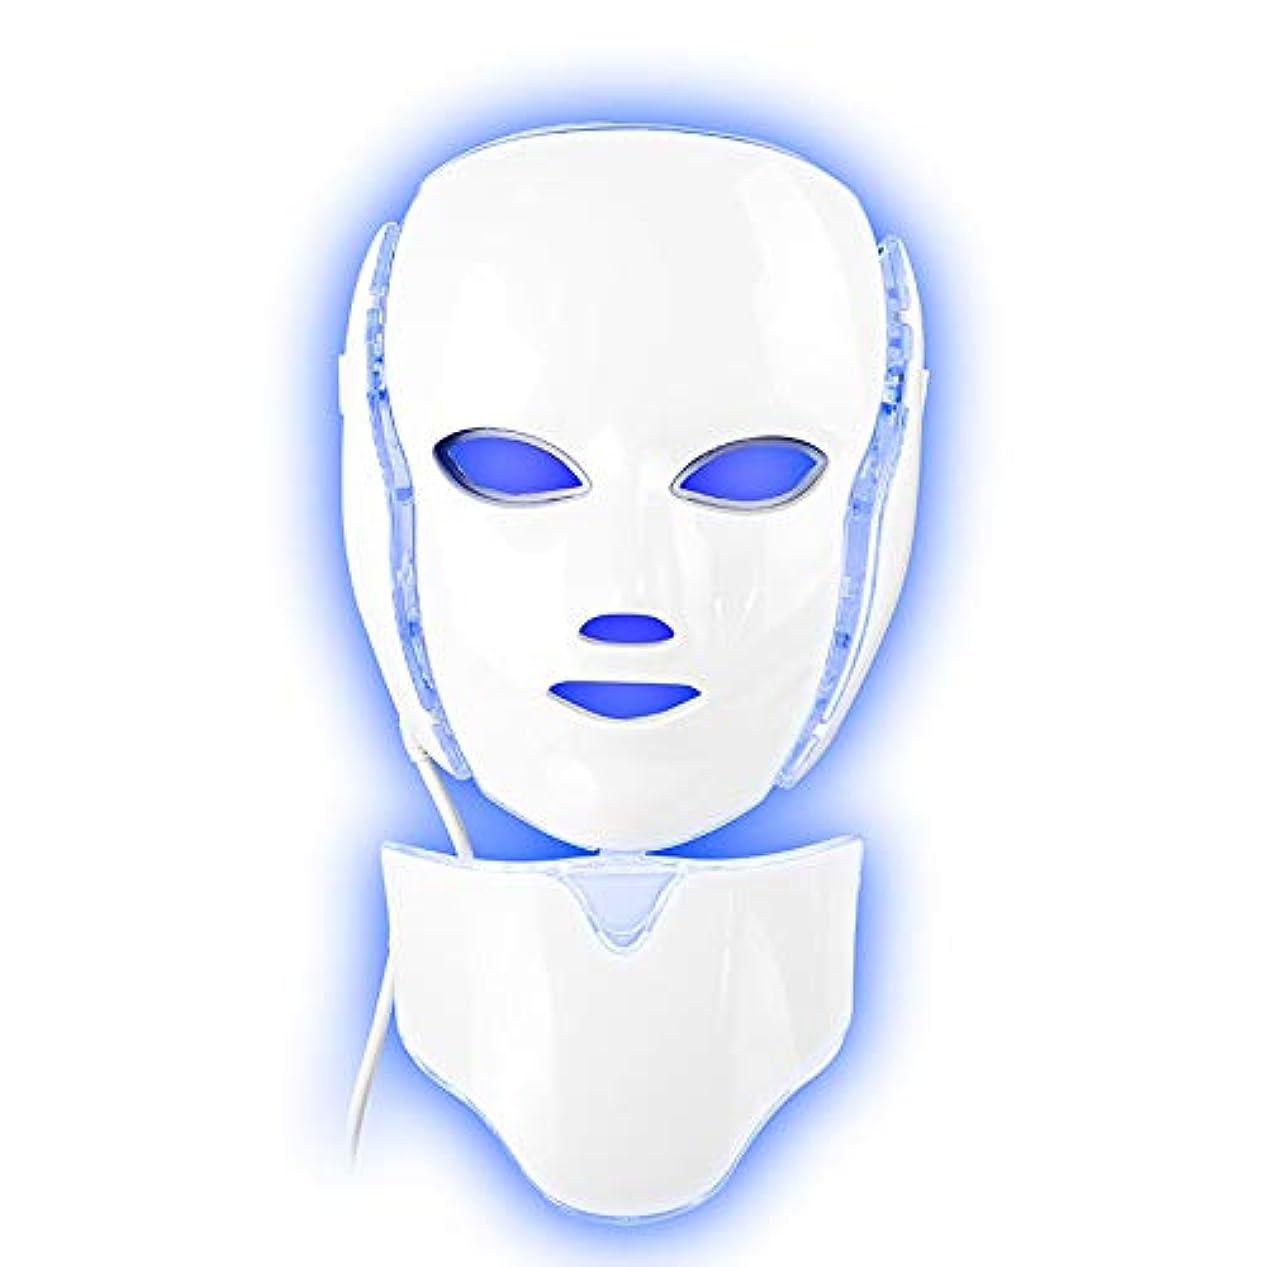 なすボスカッター7色LEDライトフェイシャルマスクアンチニキビ治療肌ネックマスクセットで楽器を締めます